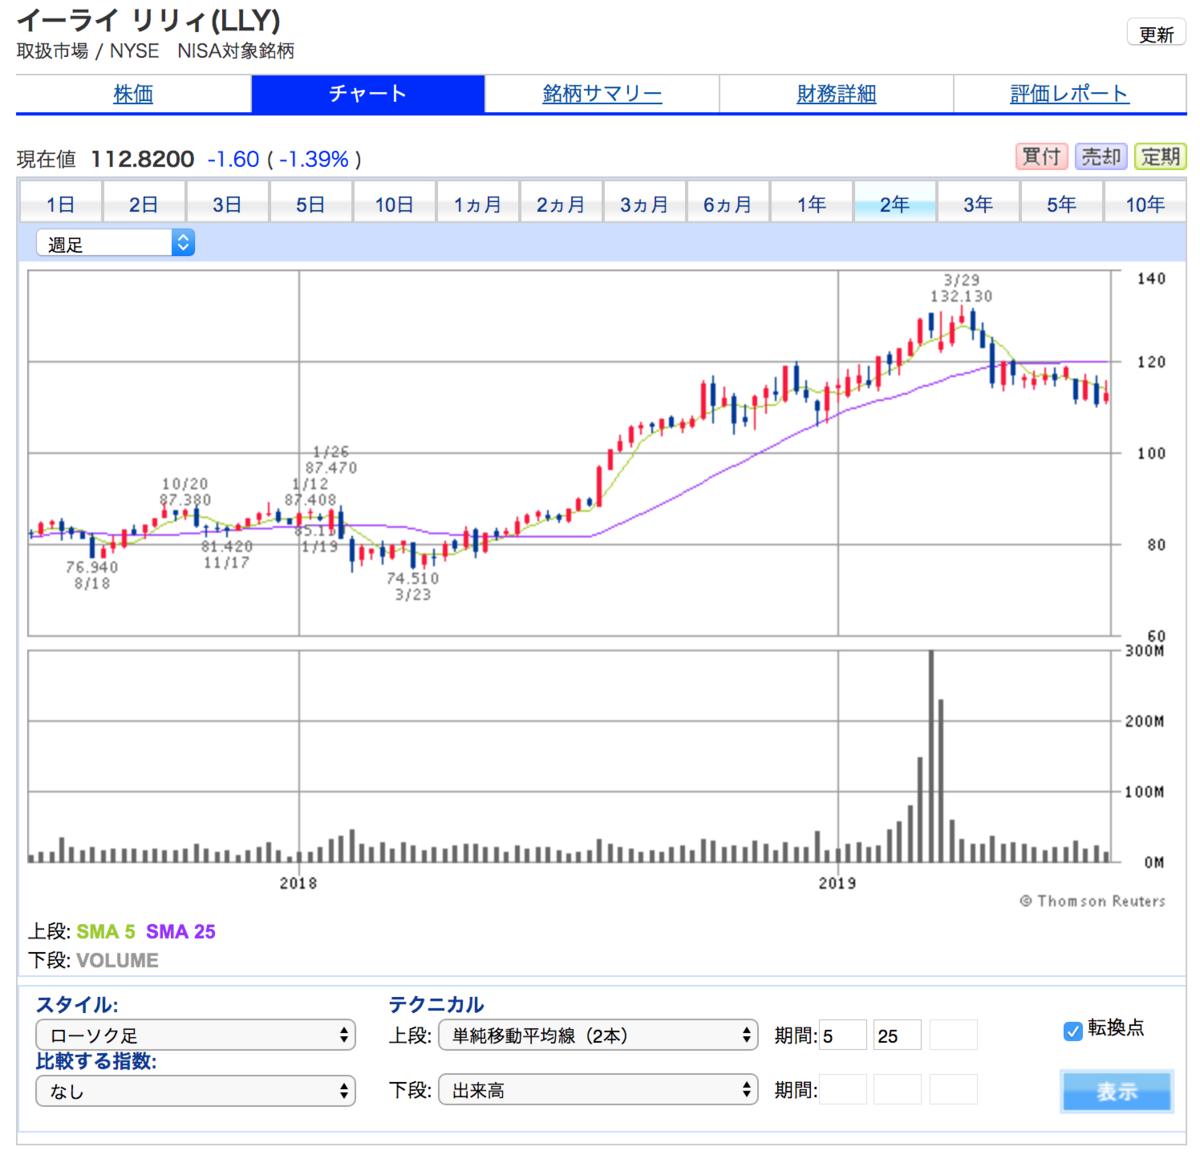 イーライリリー(LLY)の6ヶ月間株価チャート(1年くらいボックス圏)